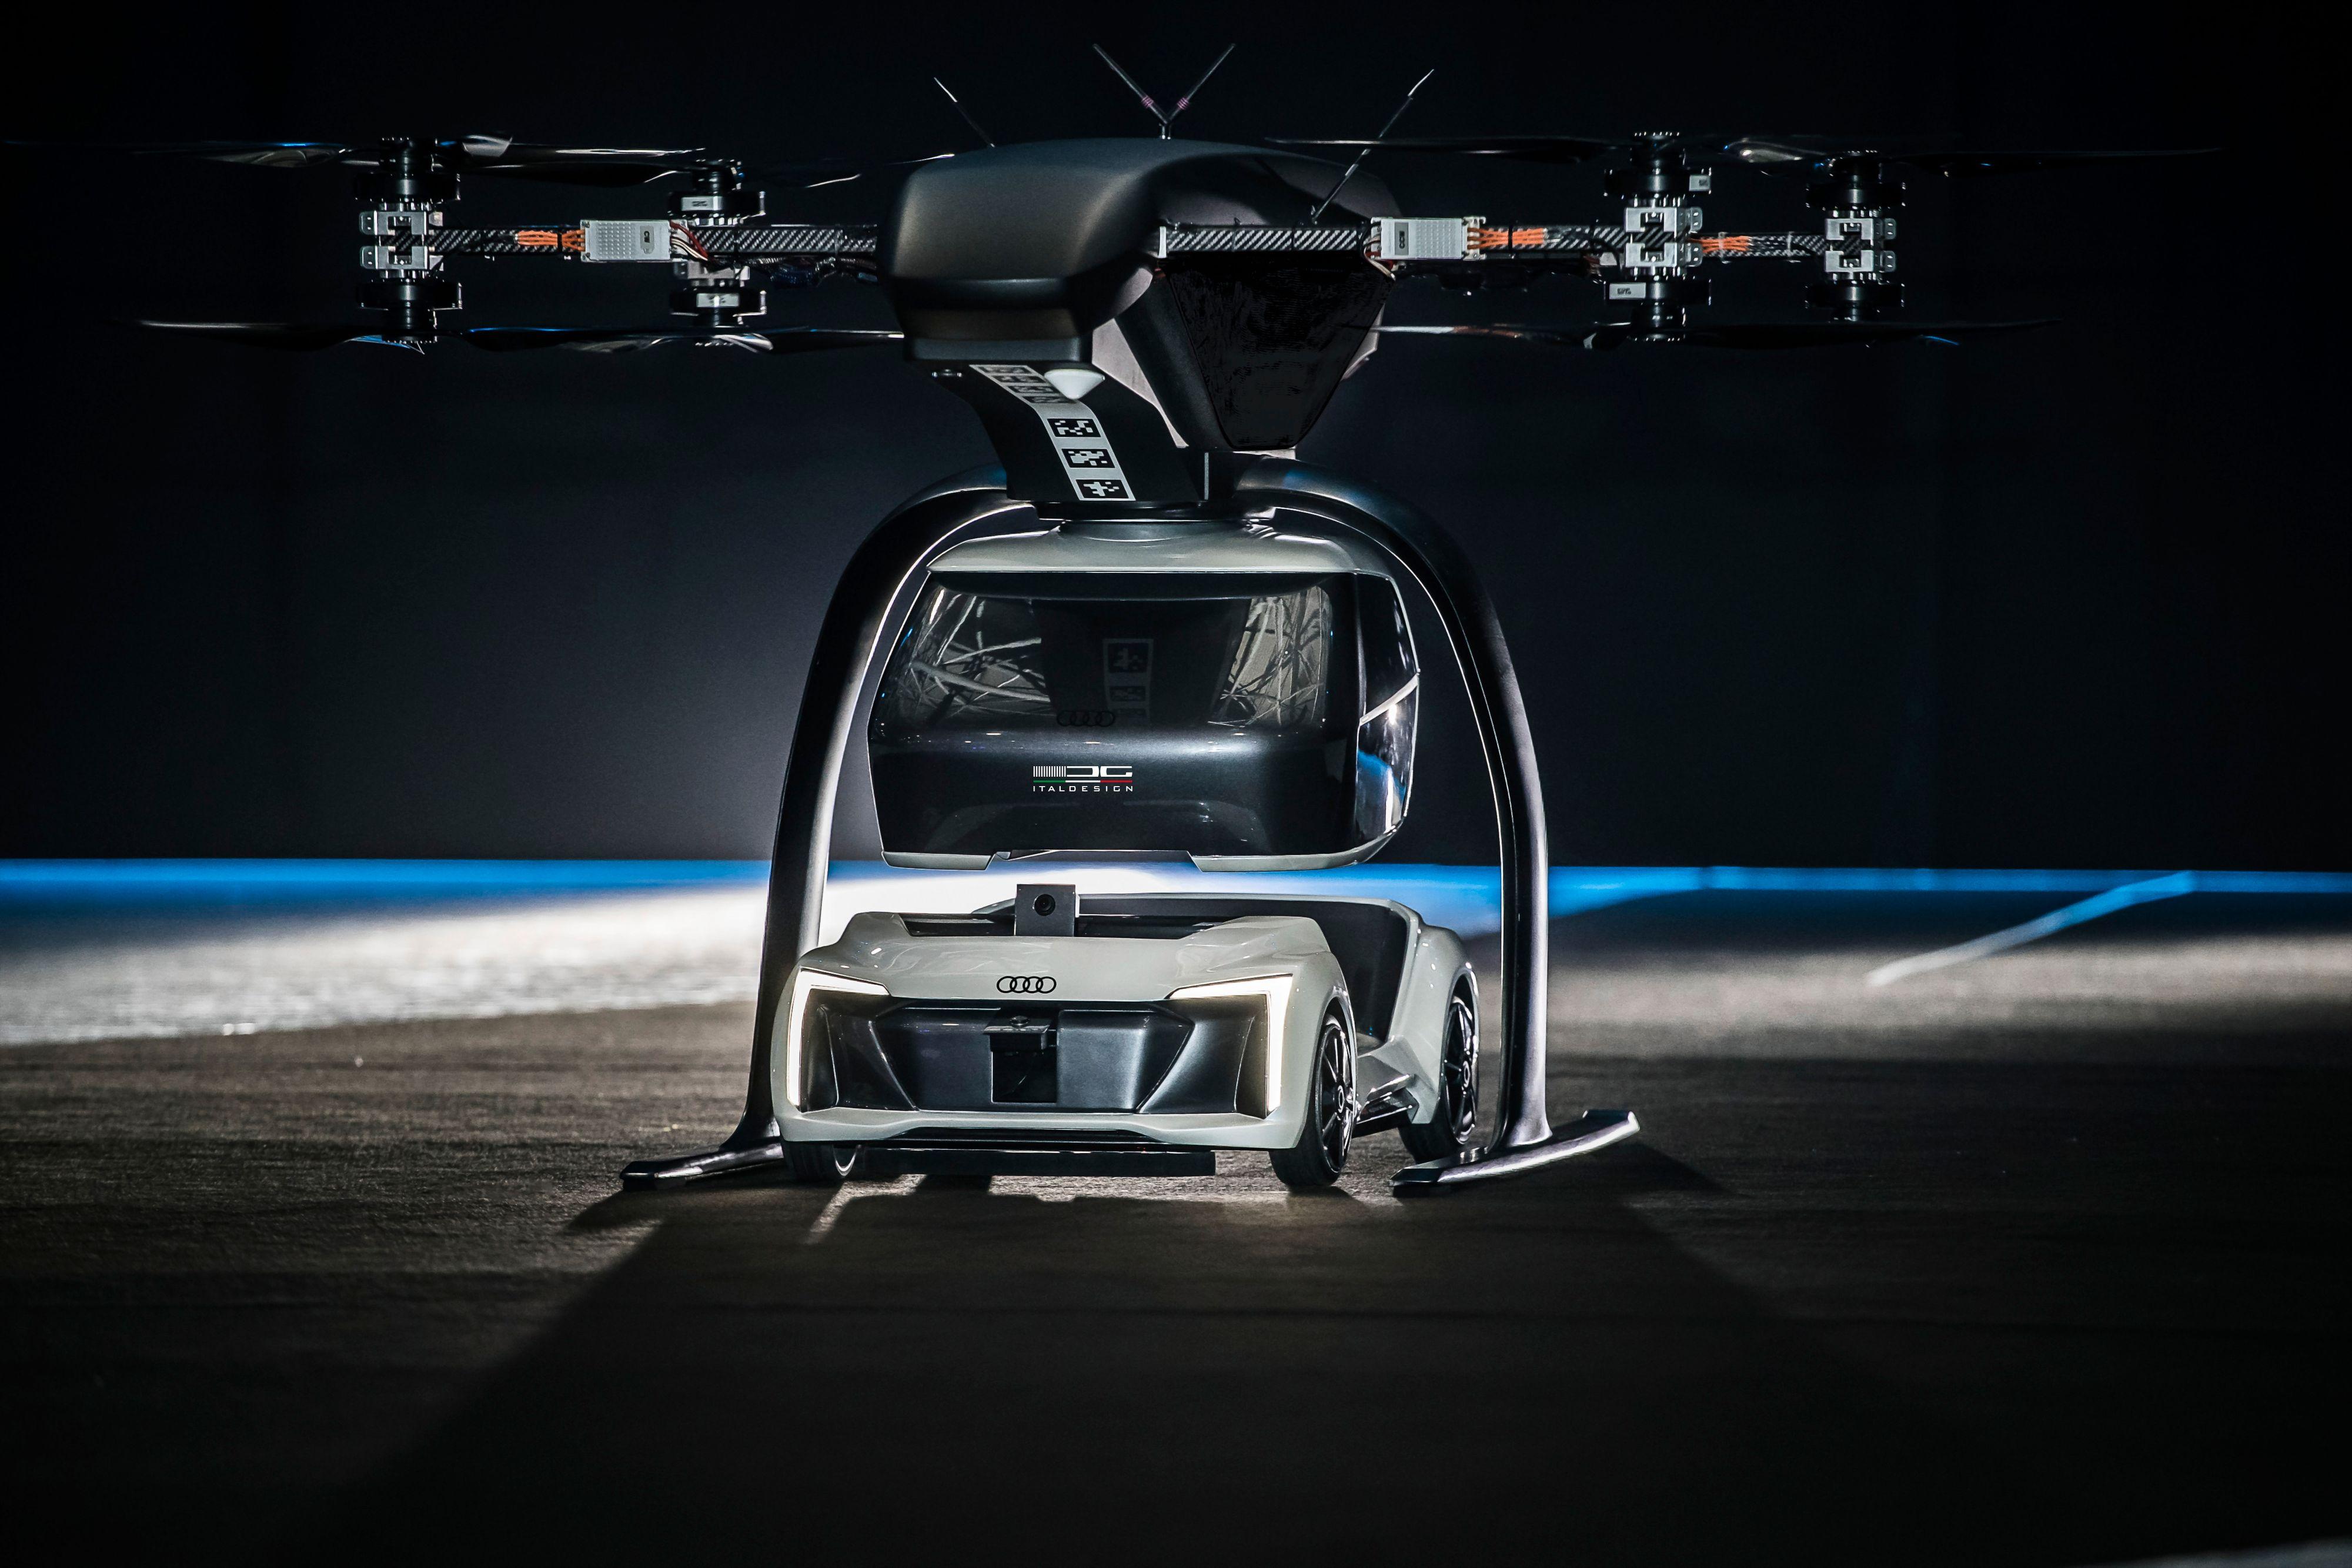 Audi og Airbus har laget dette flybilkonseptet, hvor dronedelen er avtagbar.